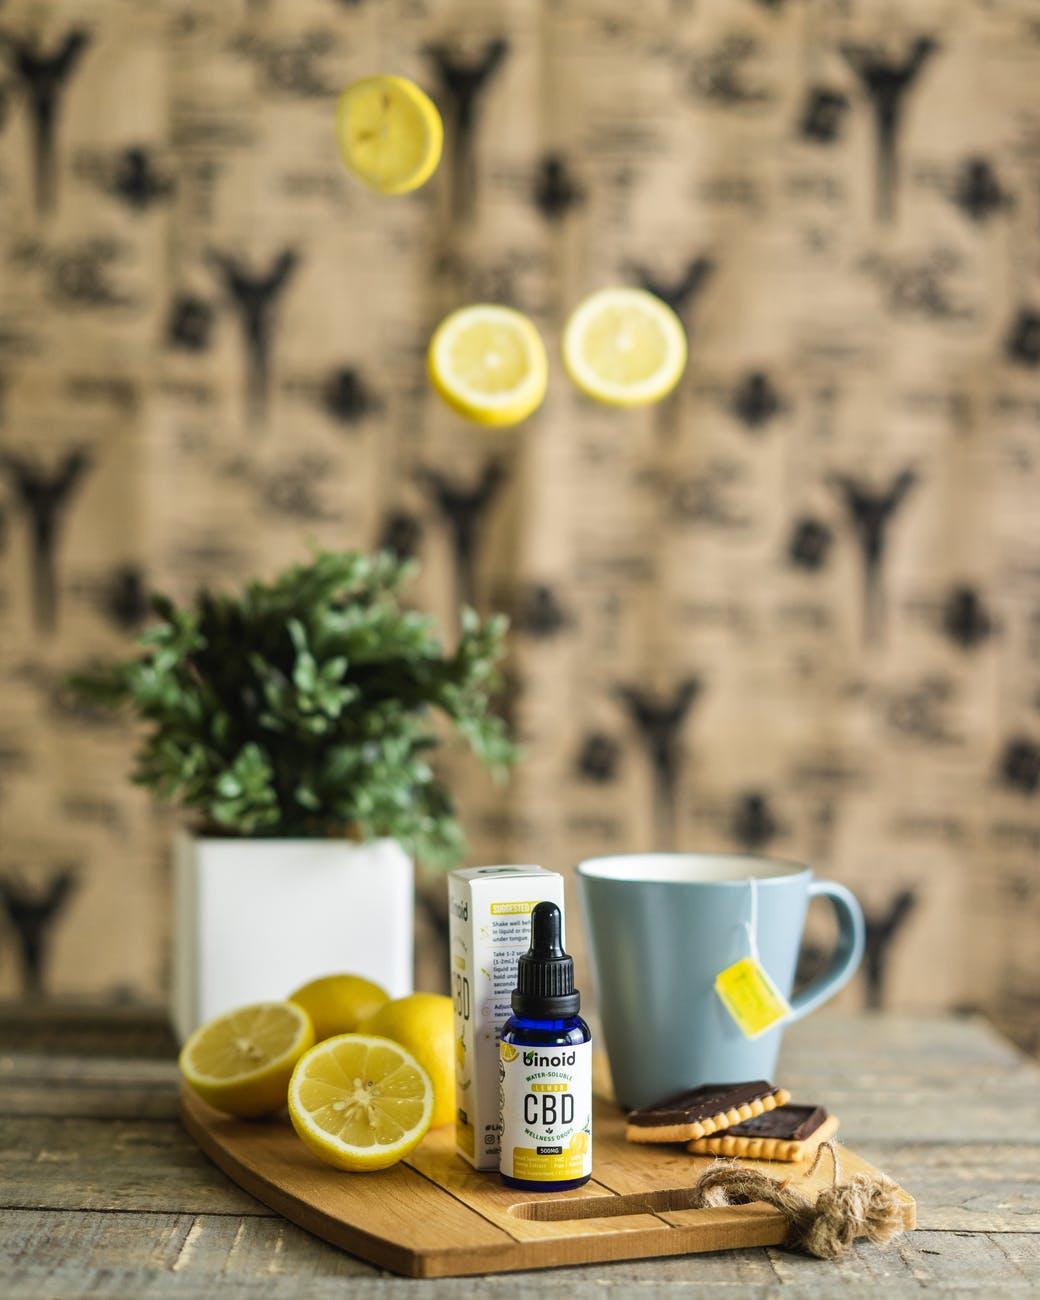 white ceramic mug with sliced lemon beside white ceramic mug on brown wooden table